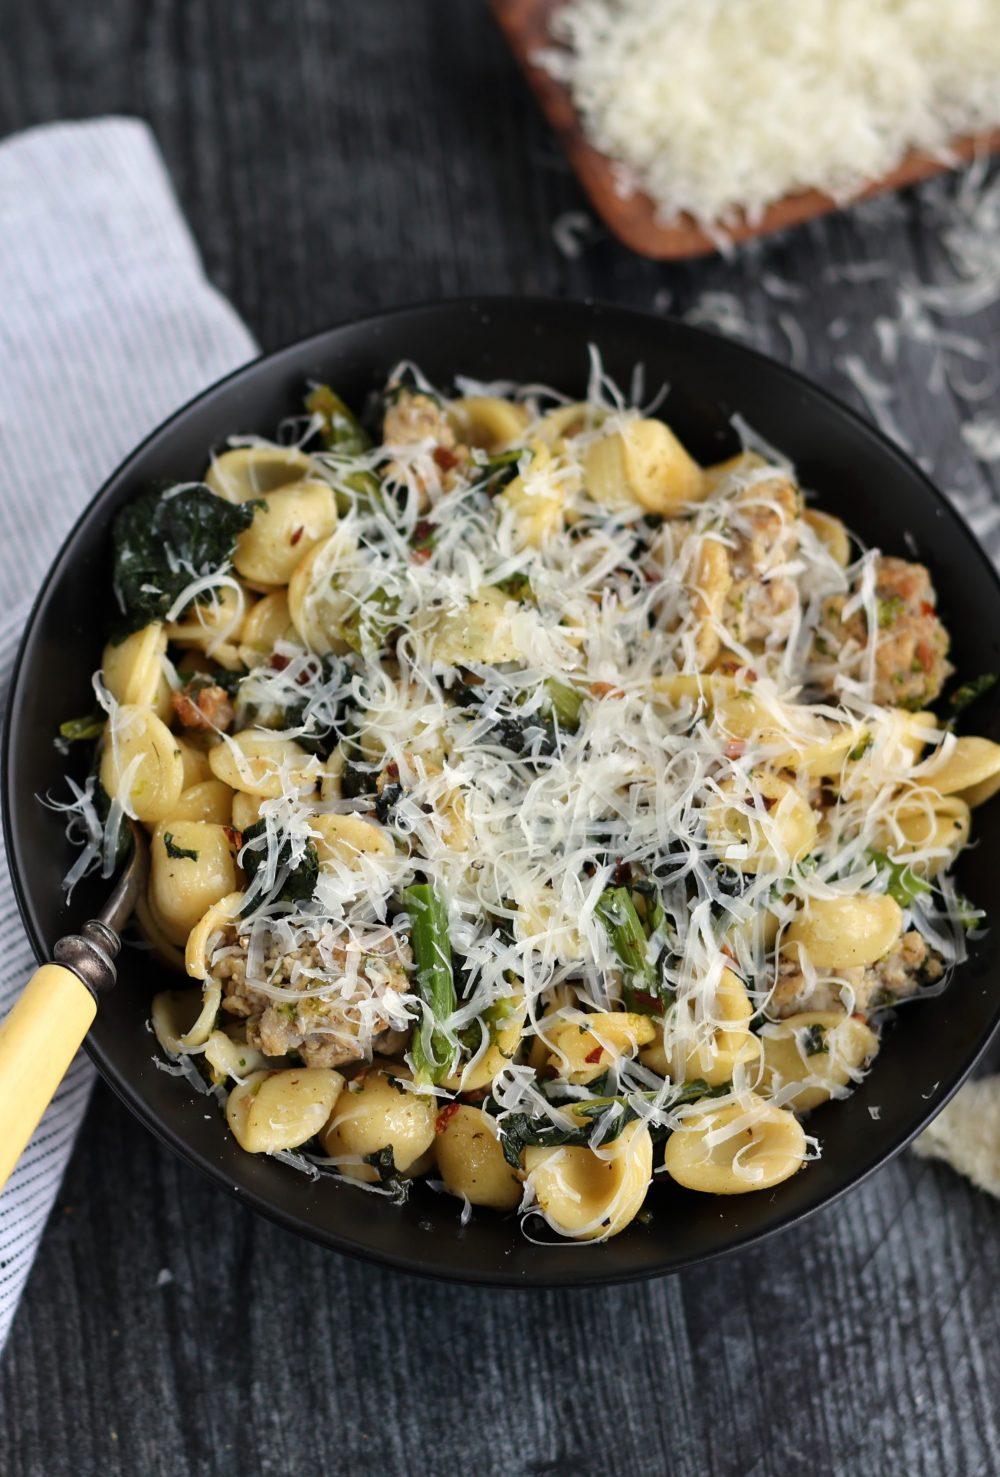 Orecchiette with Broccoli Rabe and Sausage